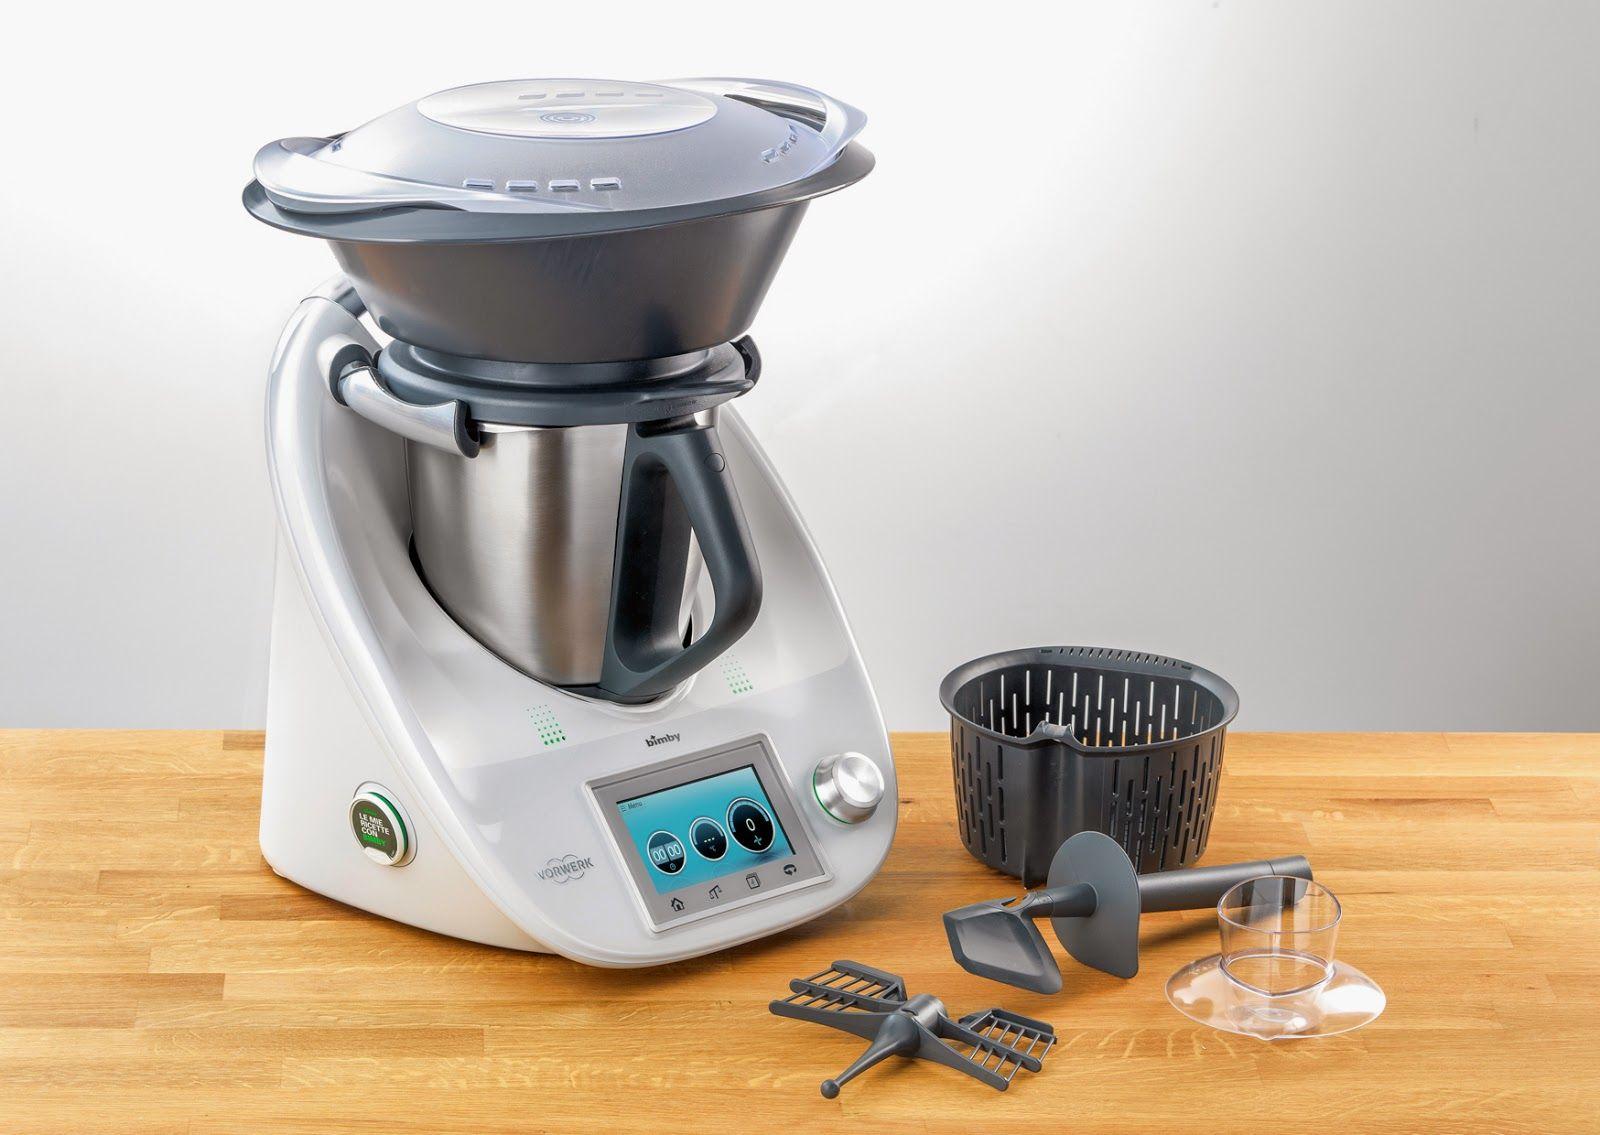 ⇒ Le nostre Bimby Ricette - Consigli per cucinare col Bimby: Nuovo ...